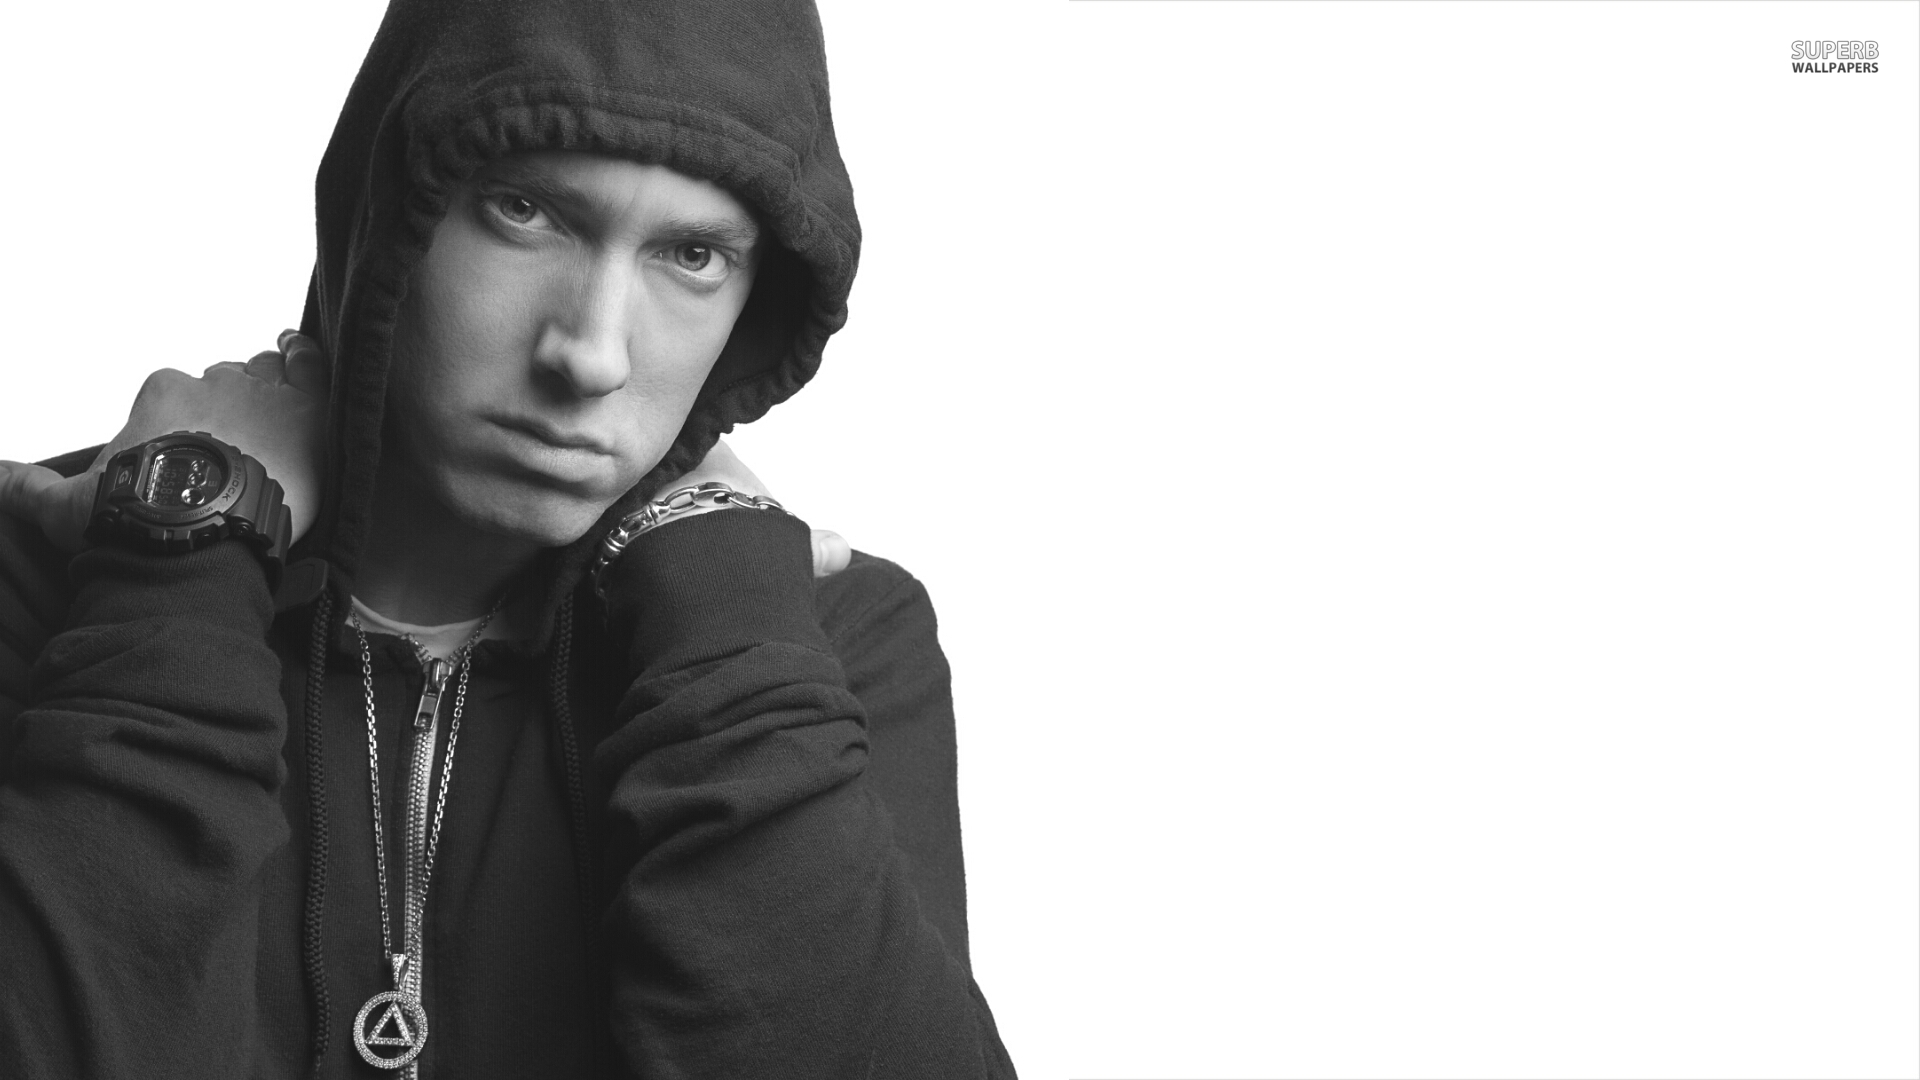 Eminem wallpaper 1920x1080 jpg